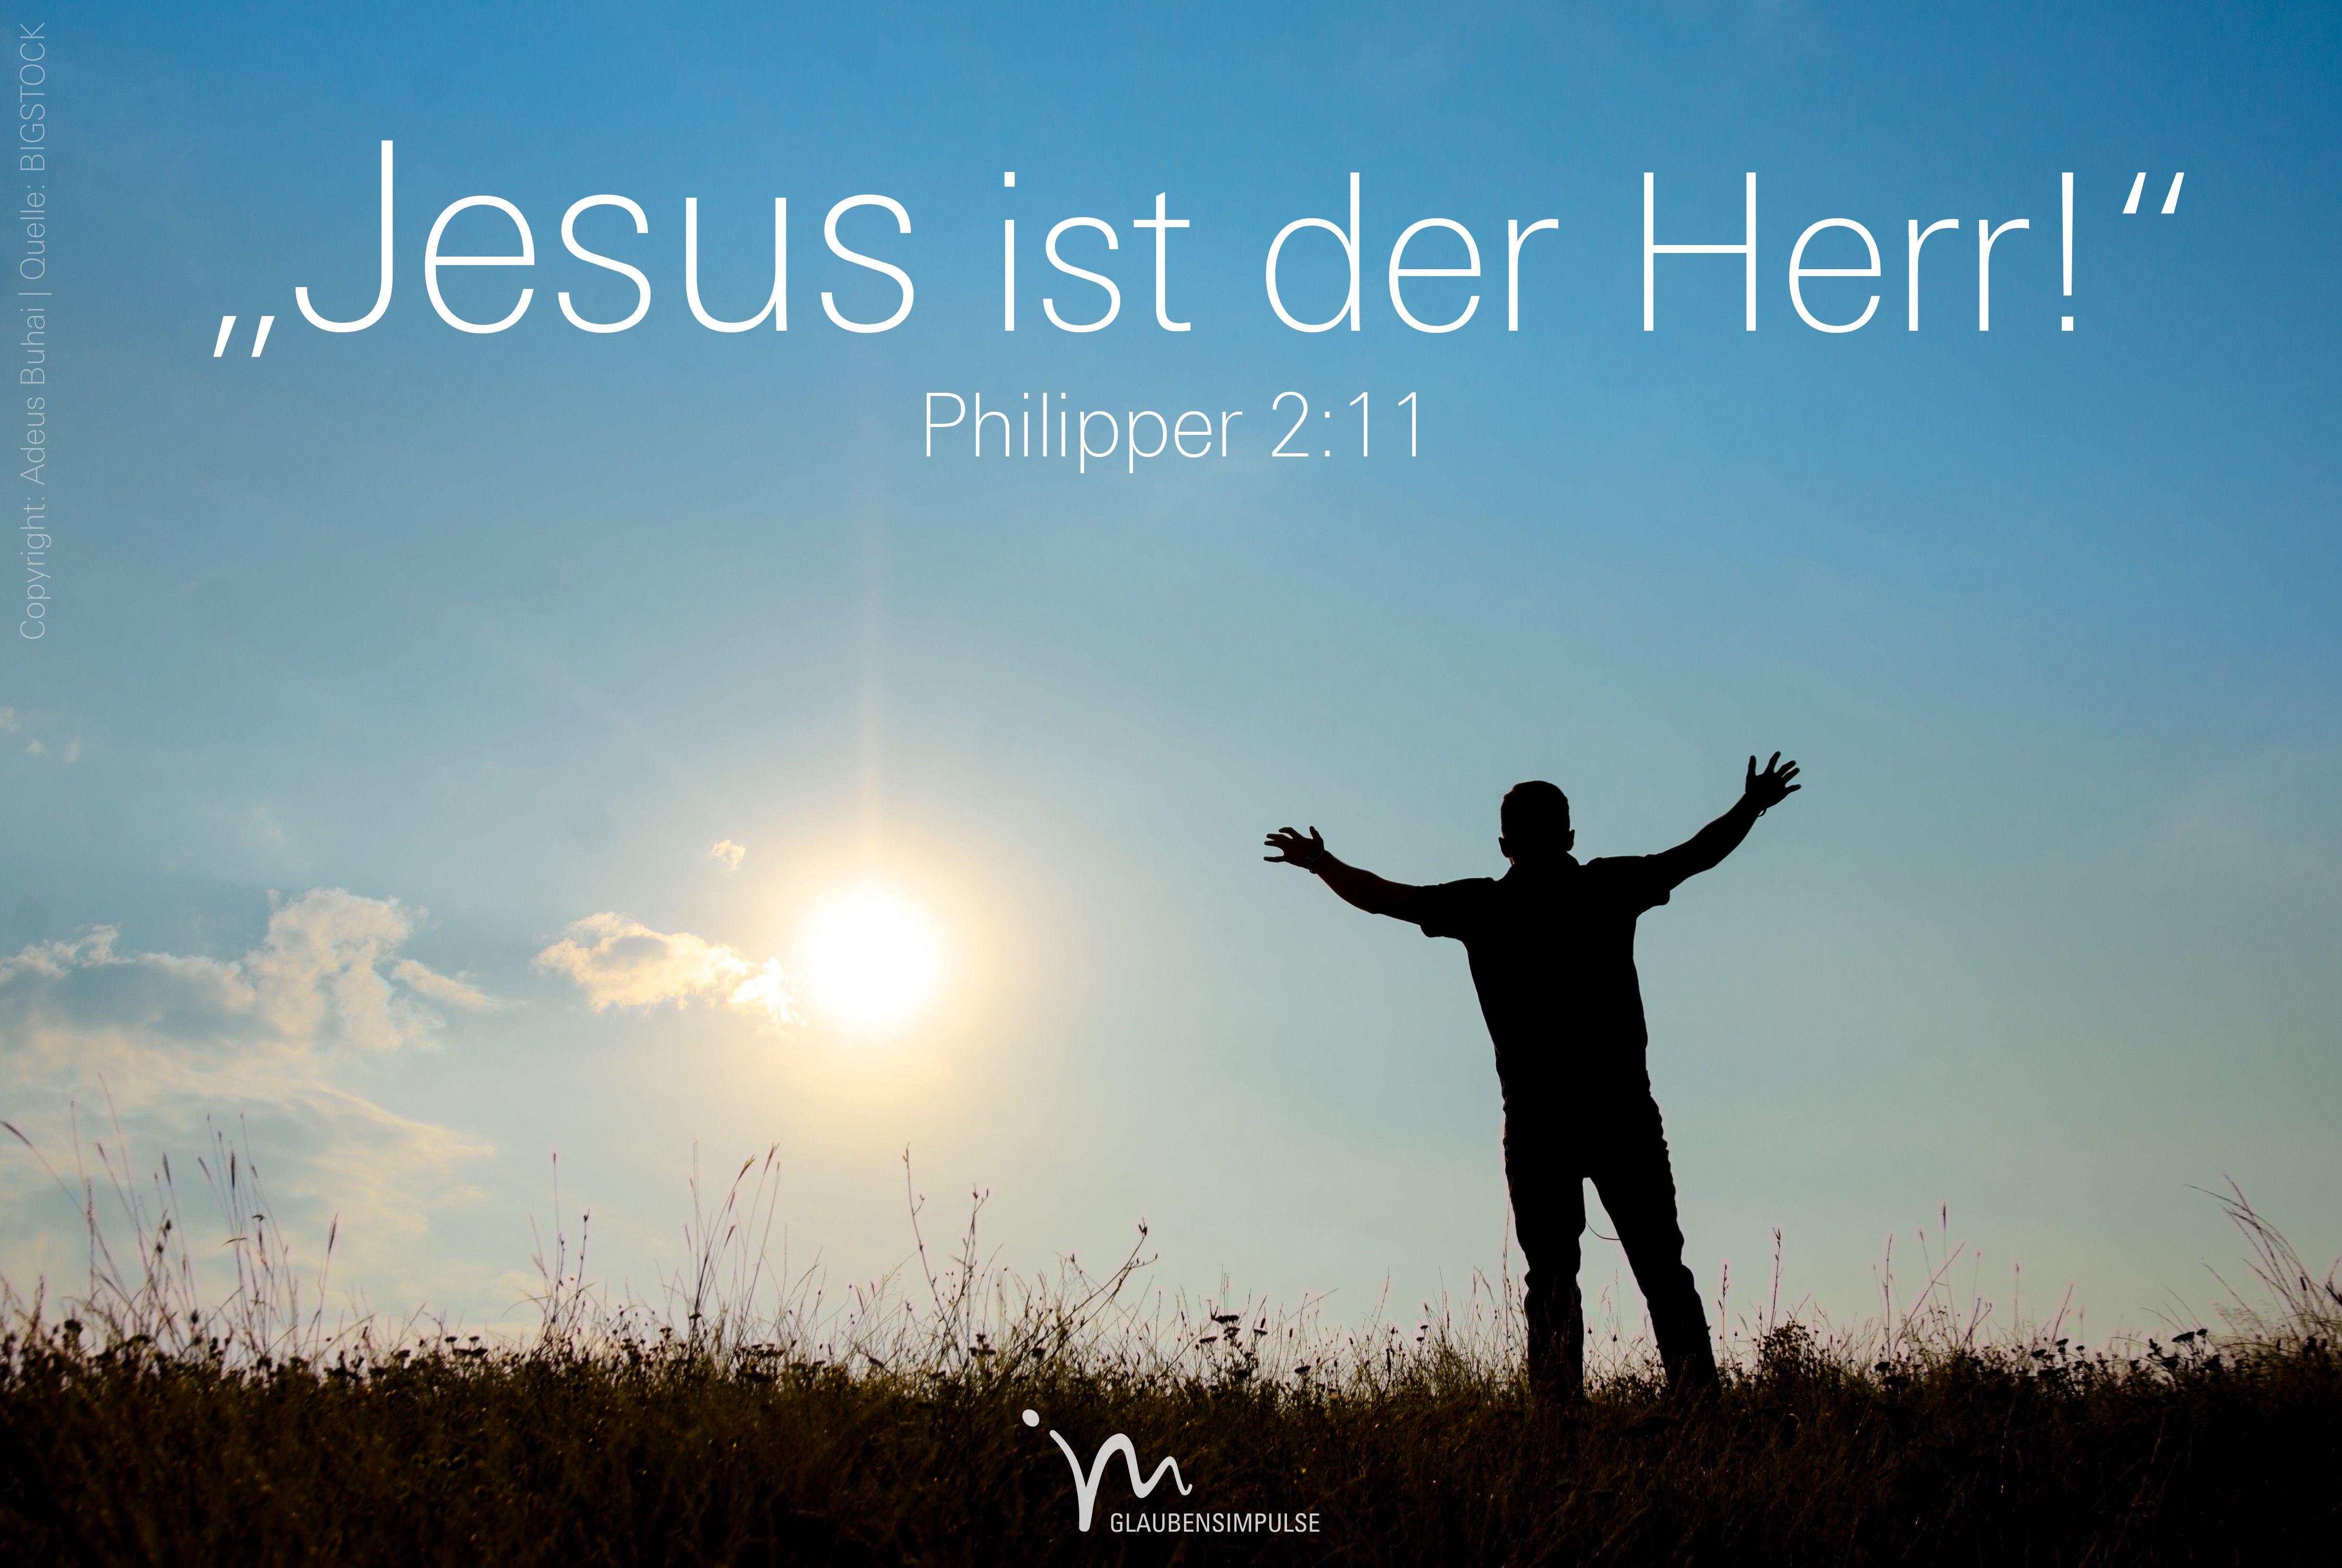 """""""Alle werden #anerkennen, dass #Jesus #Christus der #Herr ist, und werden damit #Gott, dem #Vater, die #Ehre geben."""" #Philipper 2:11 #glaubensimpulse"""